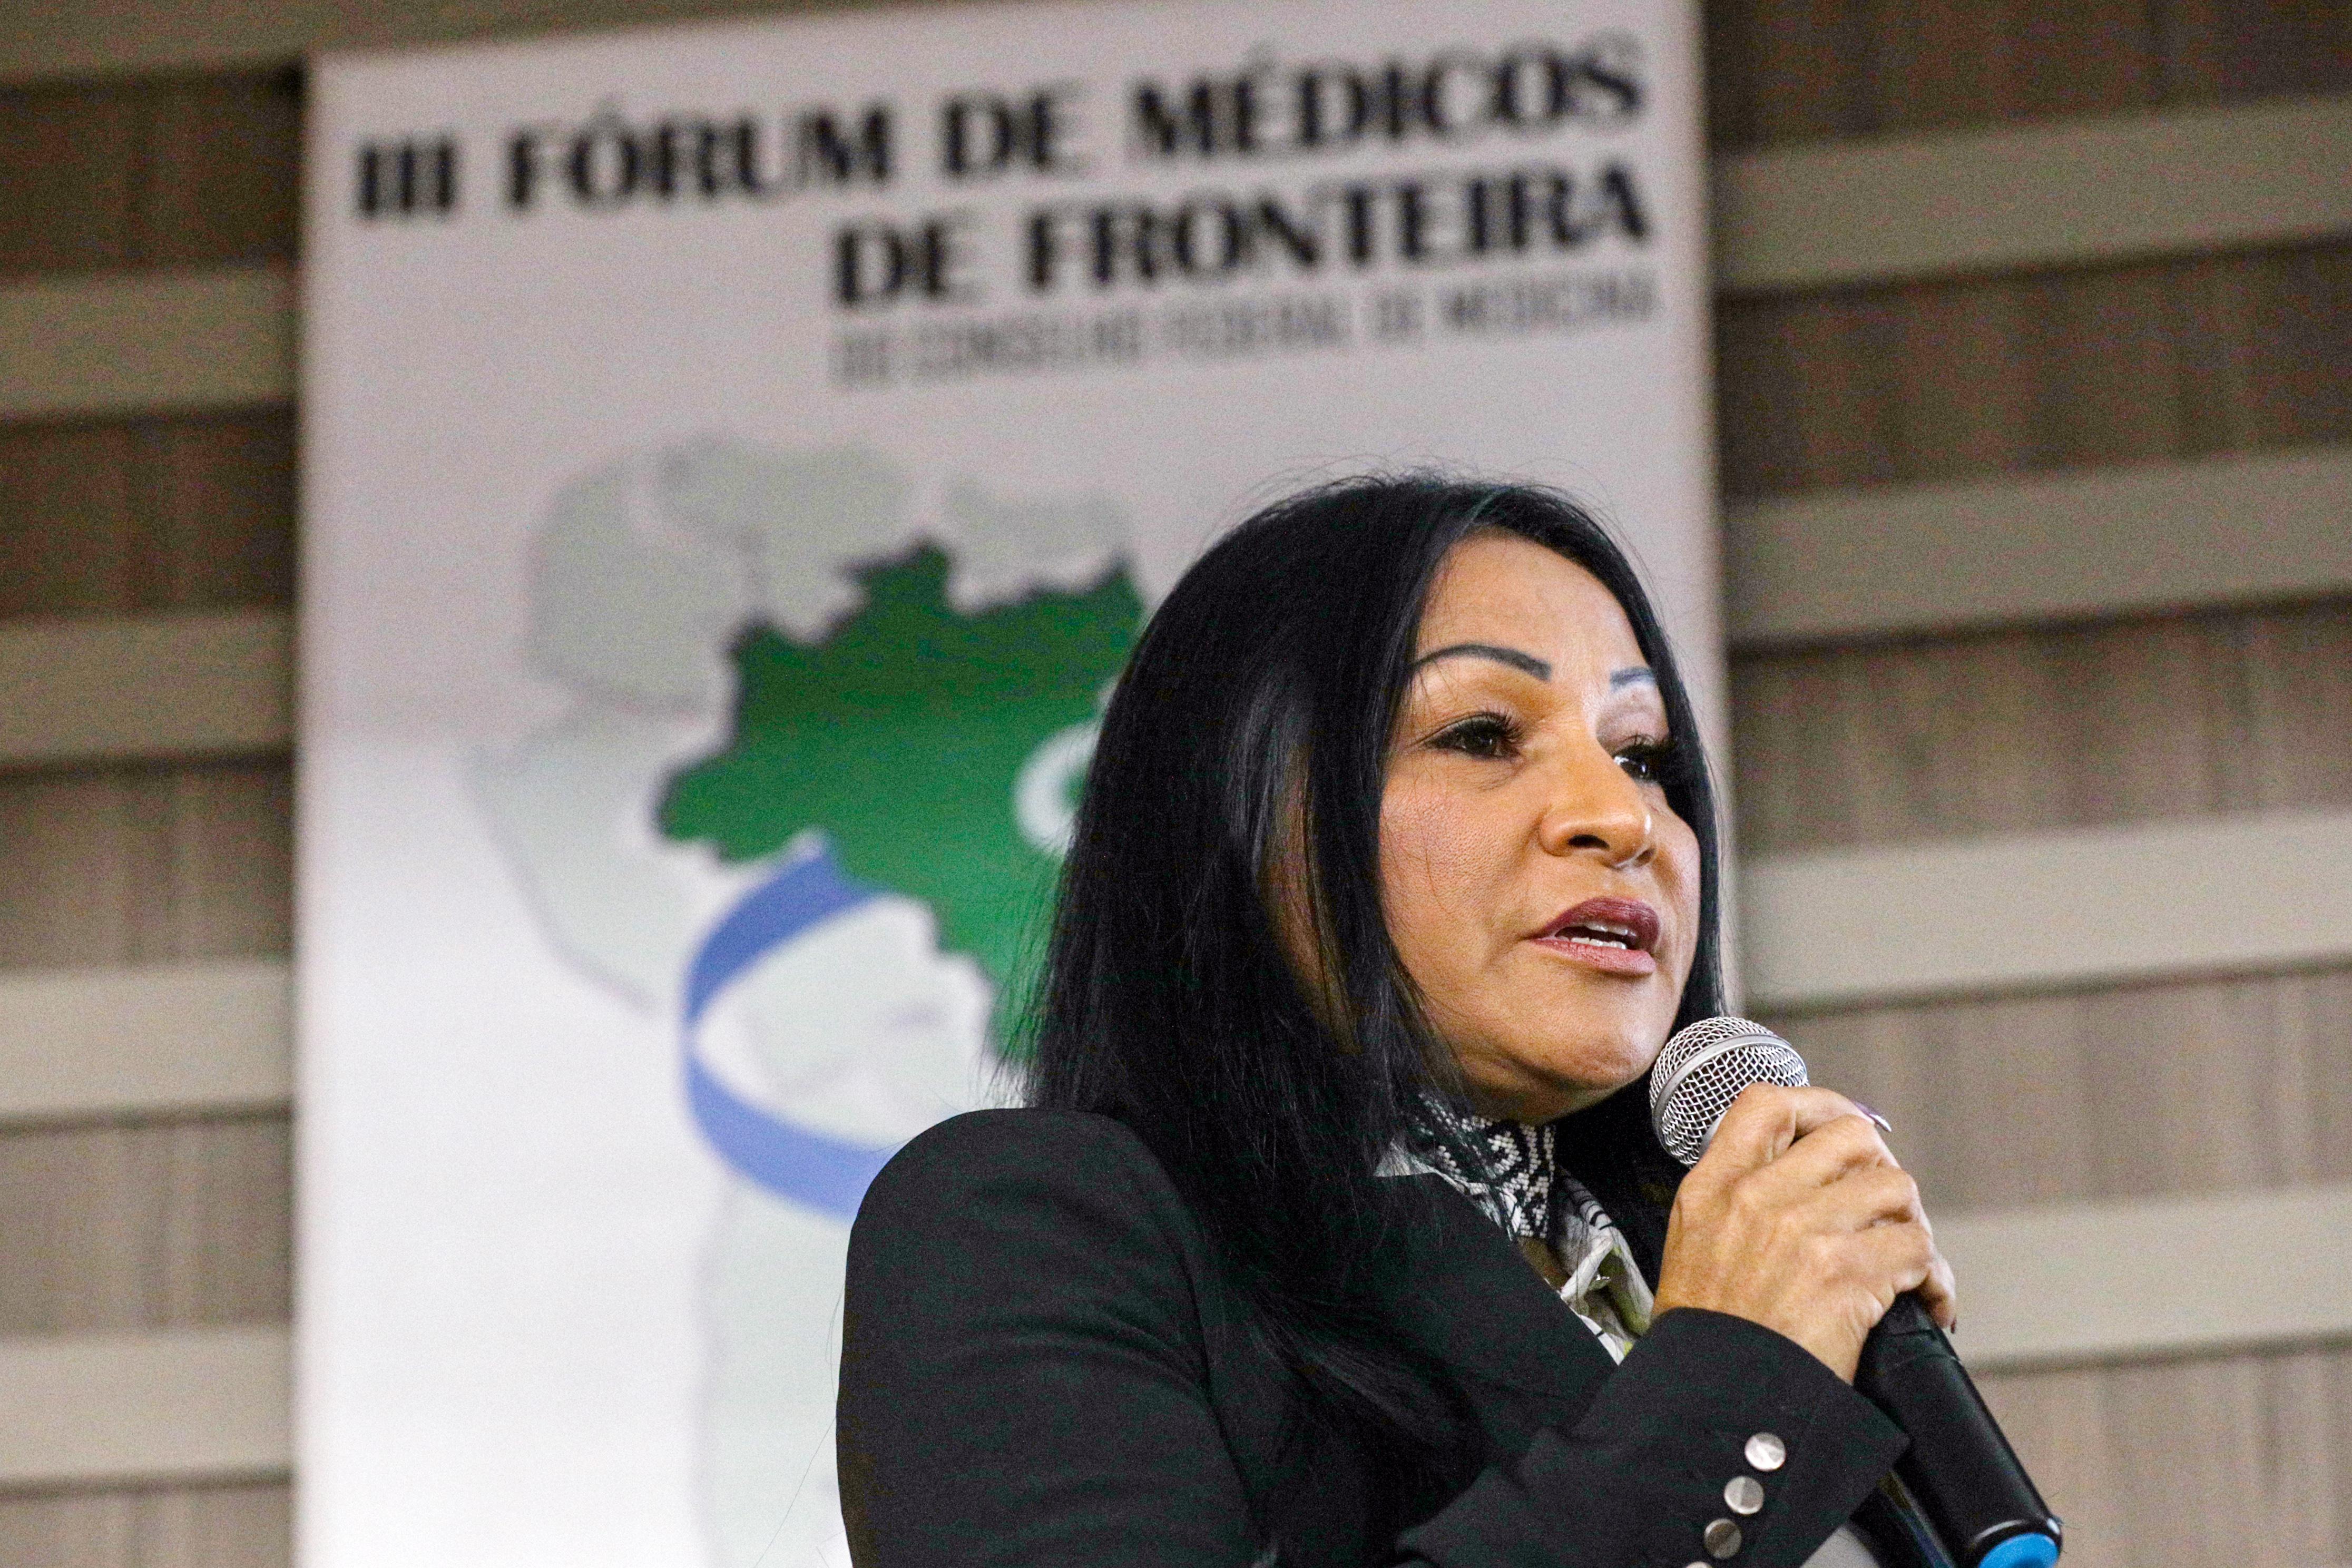 Secretária Sílvia Waiãpi fala sobre Saúde Indígena em Fórum de Médicos de Fronteira